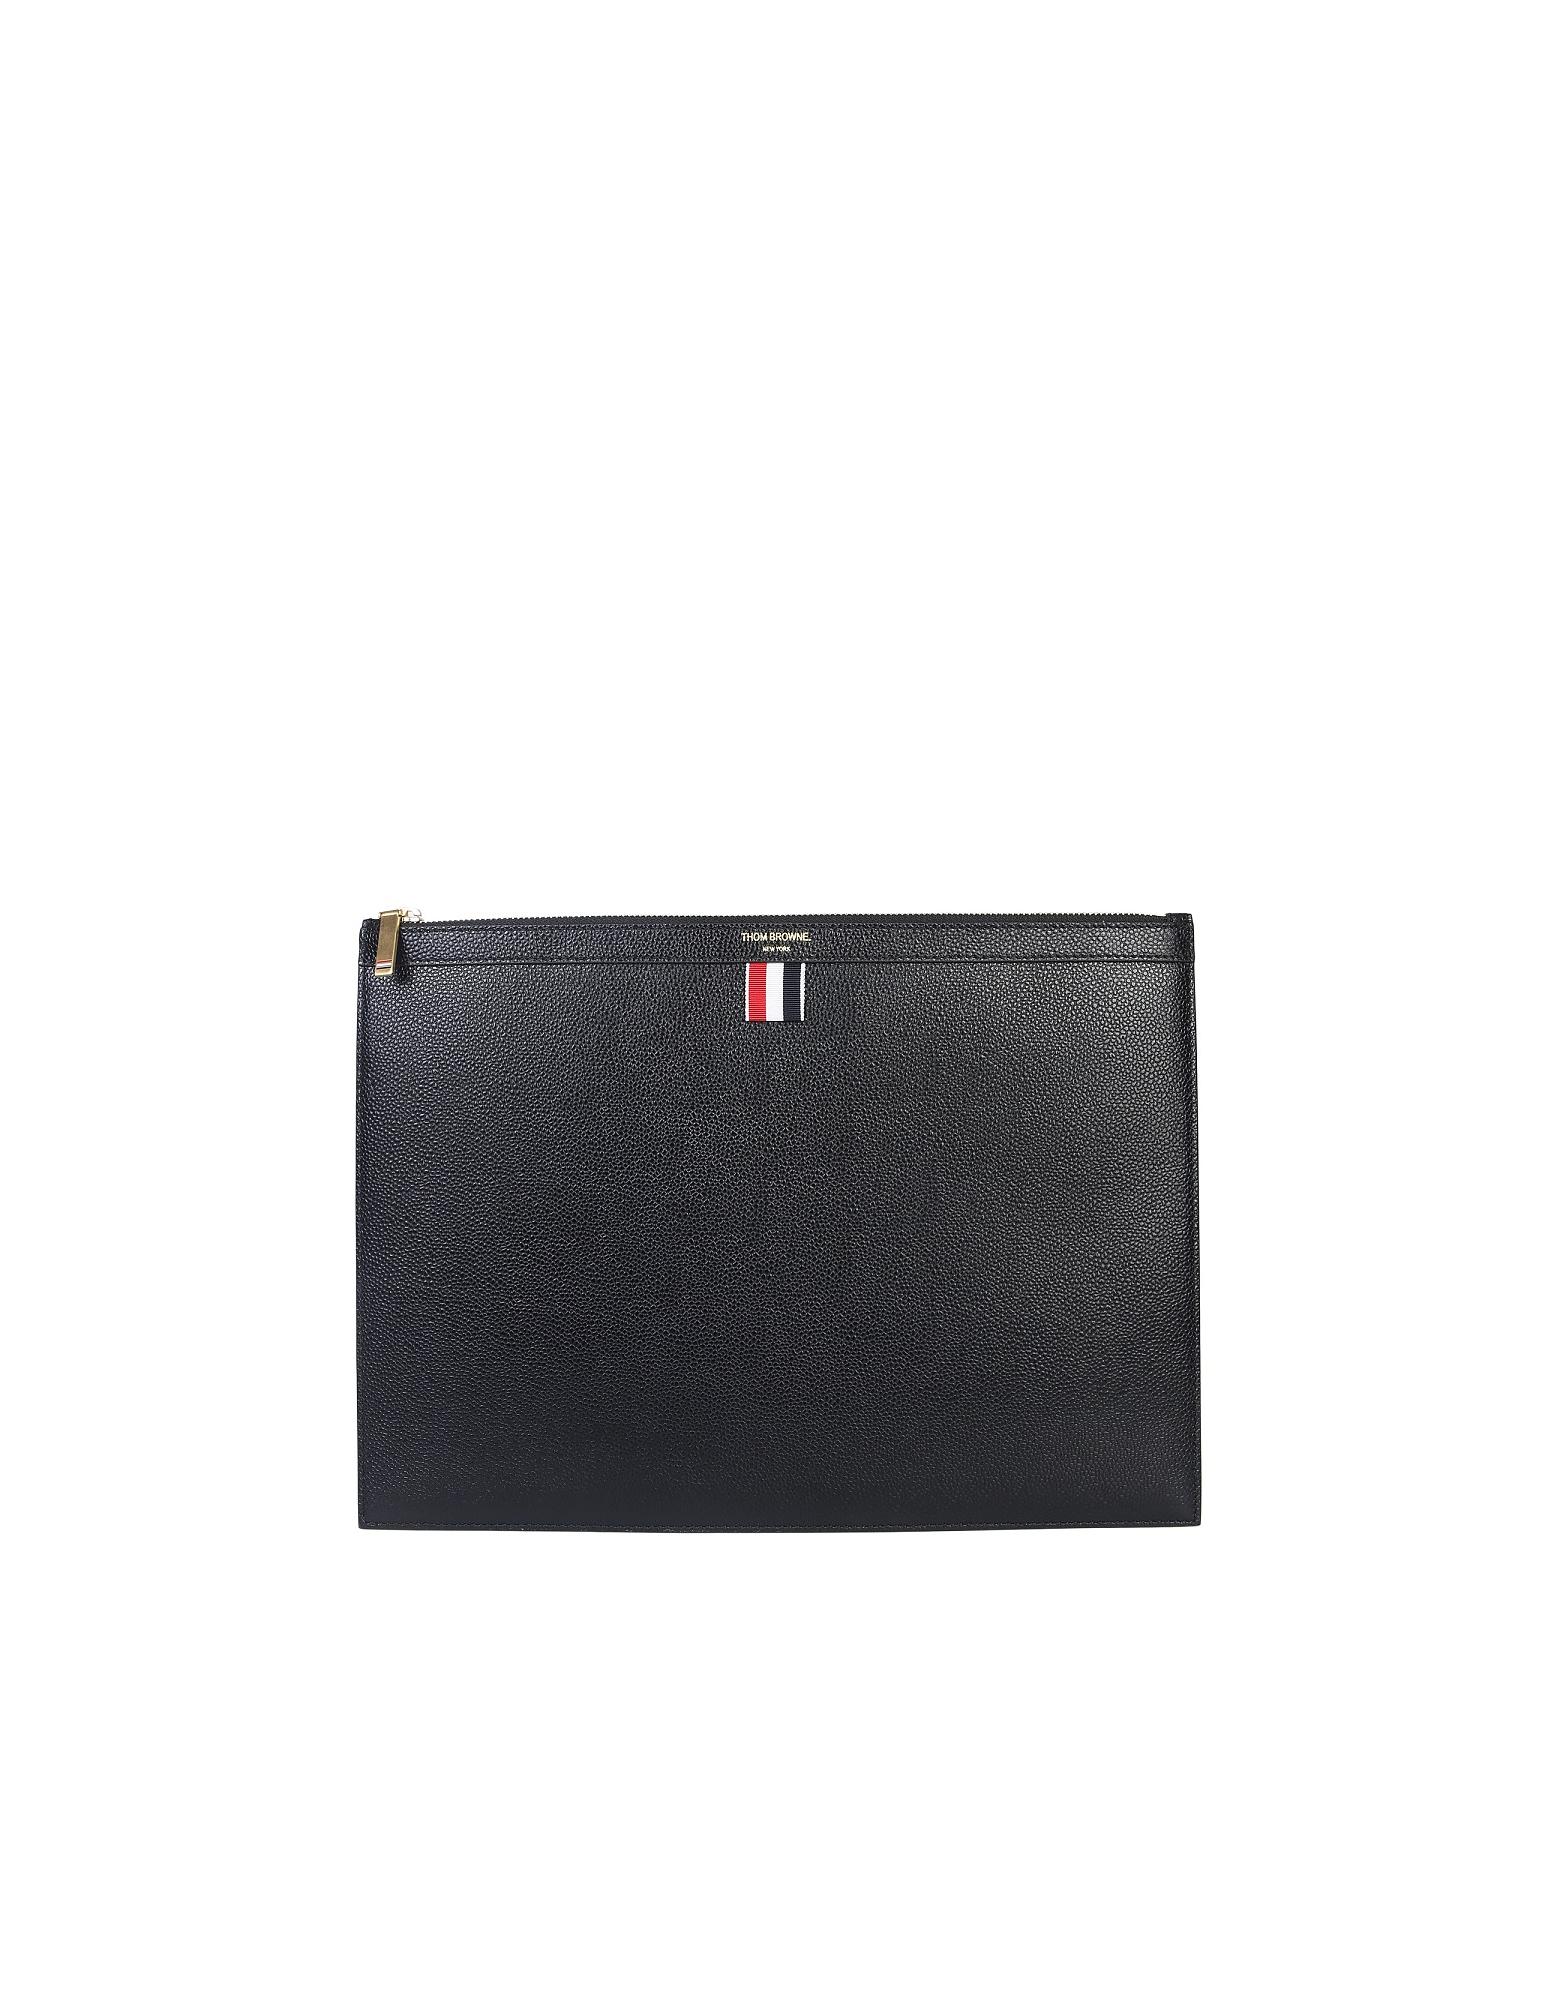 Thom Browne Designer Men's Bags, Medium Document Holder/Clutch